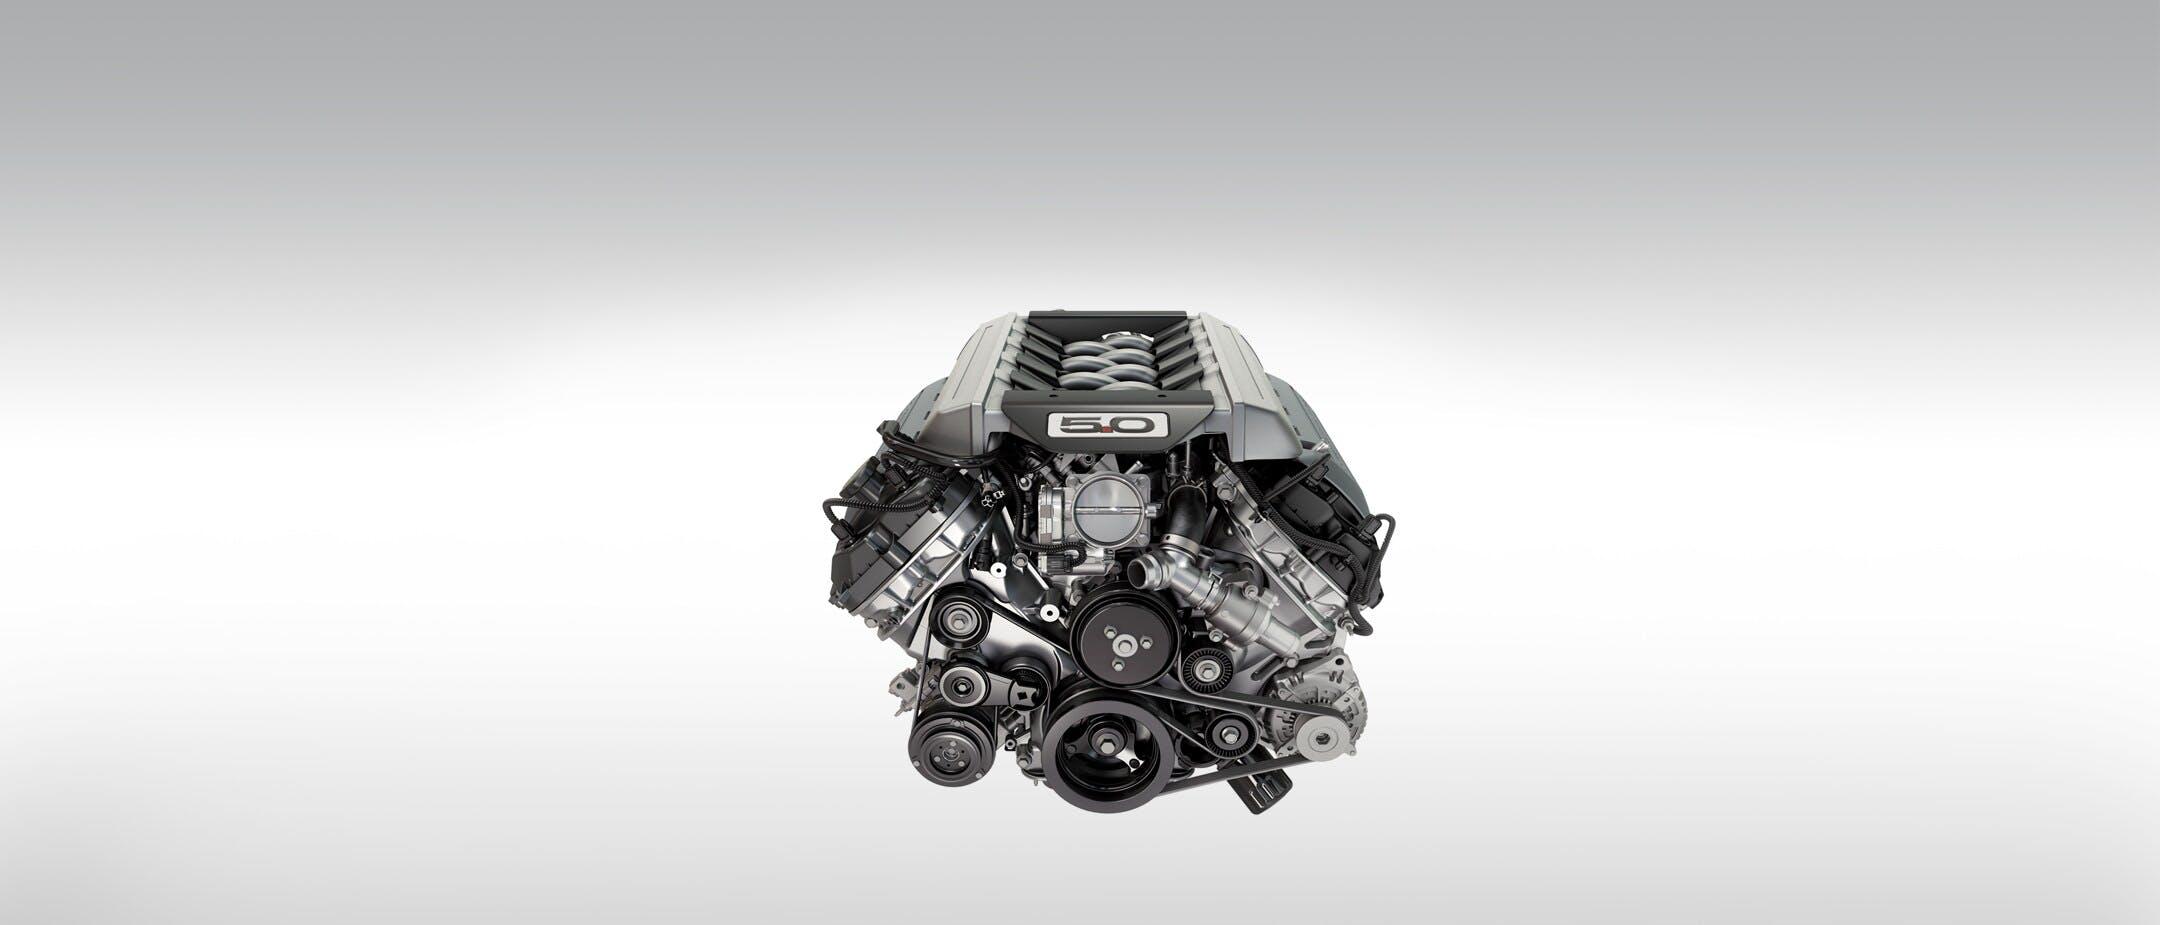 Modello 3D del motore V8 5 litri della Ford Mustang Mach 1, in edizione limitata 2021